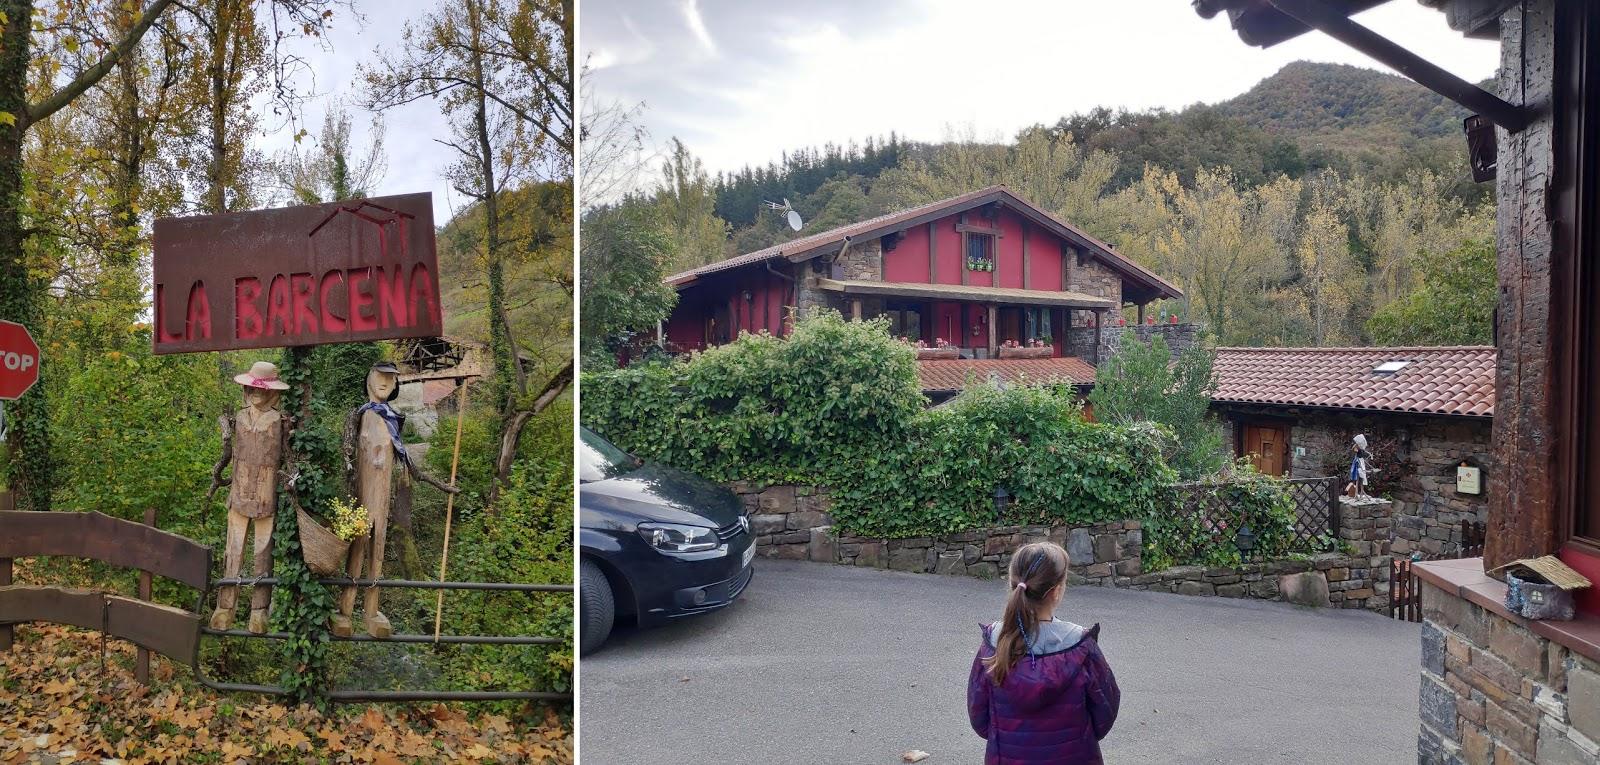 Fin De Semana De Txikiplanes Y Estancia Ideal Para Familias En La Bárcena Potes Bilbao Txiki